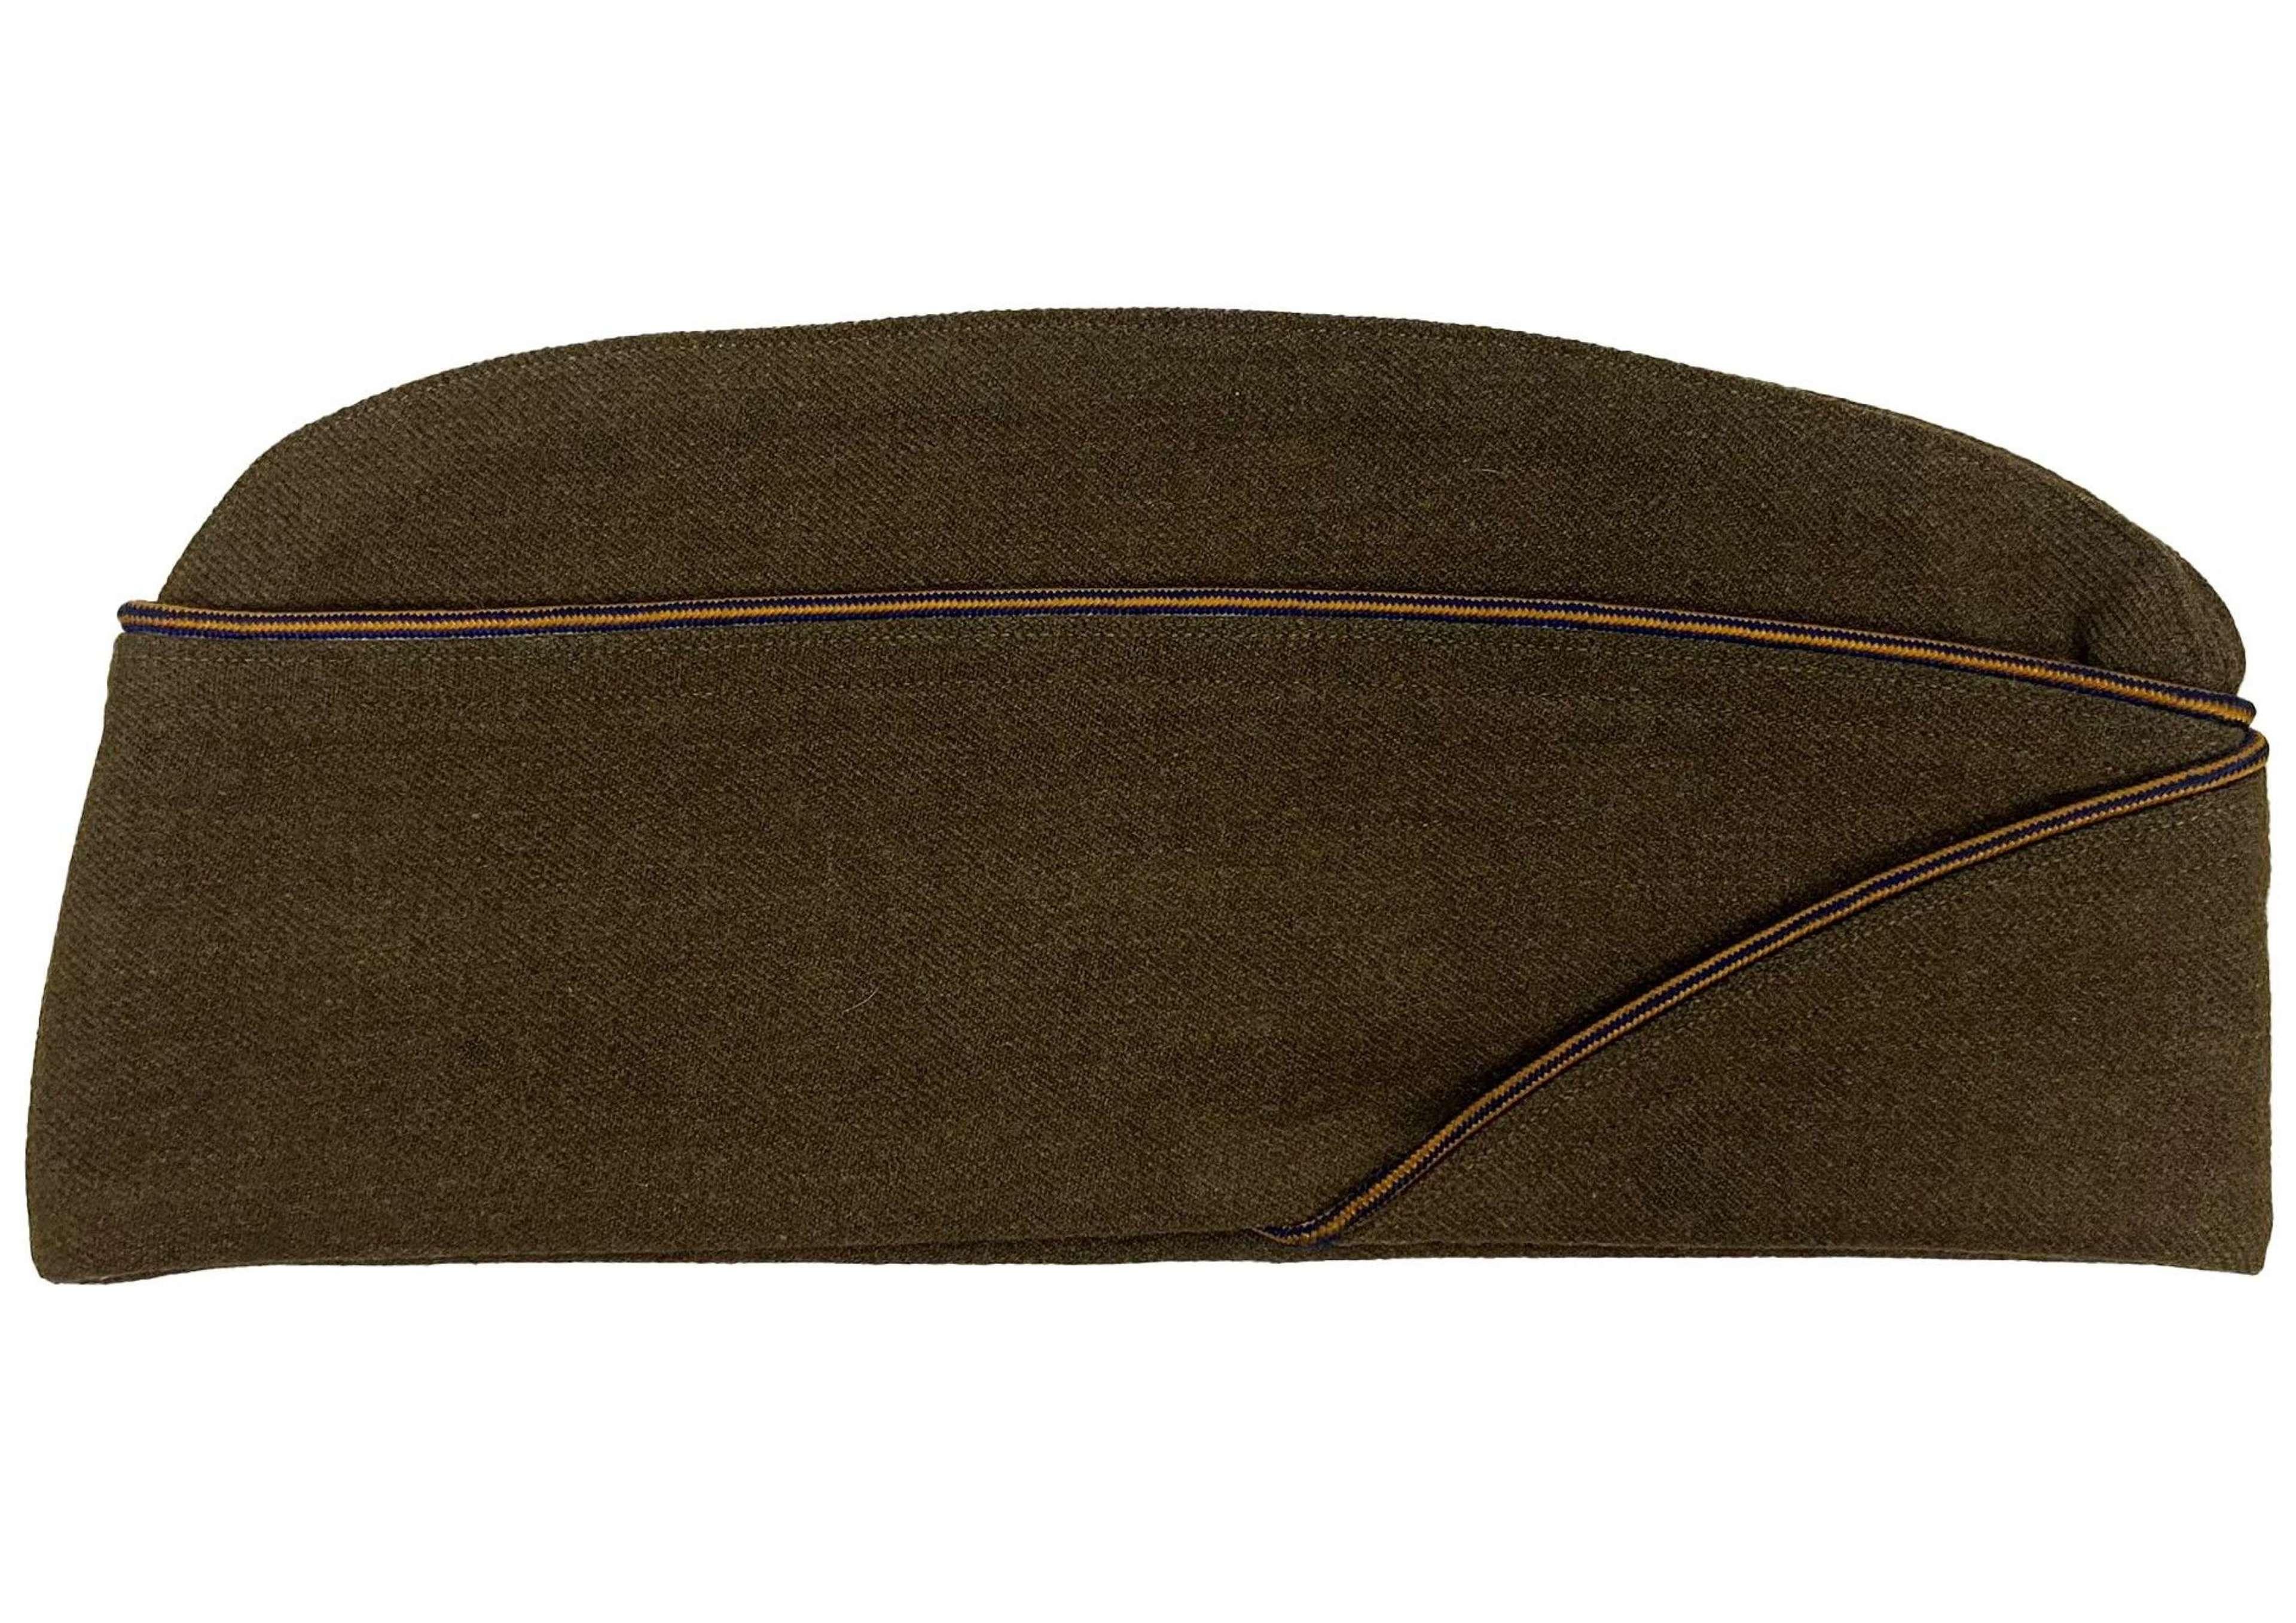 Original 1943 Dated USAAF Enlisted Men's Garrison Cap